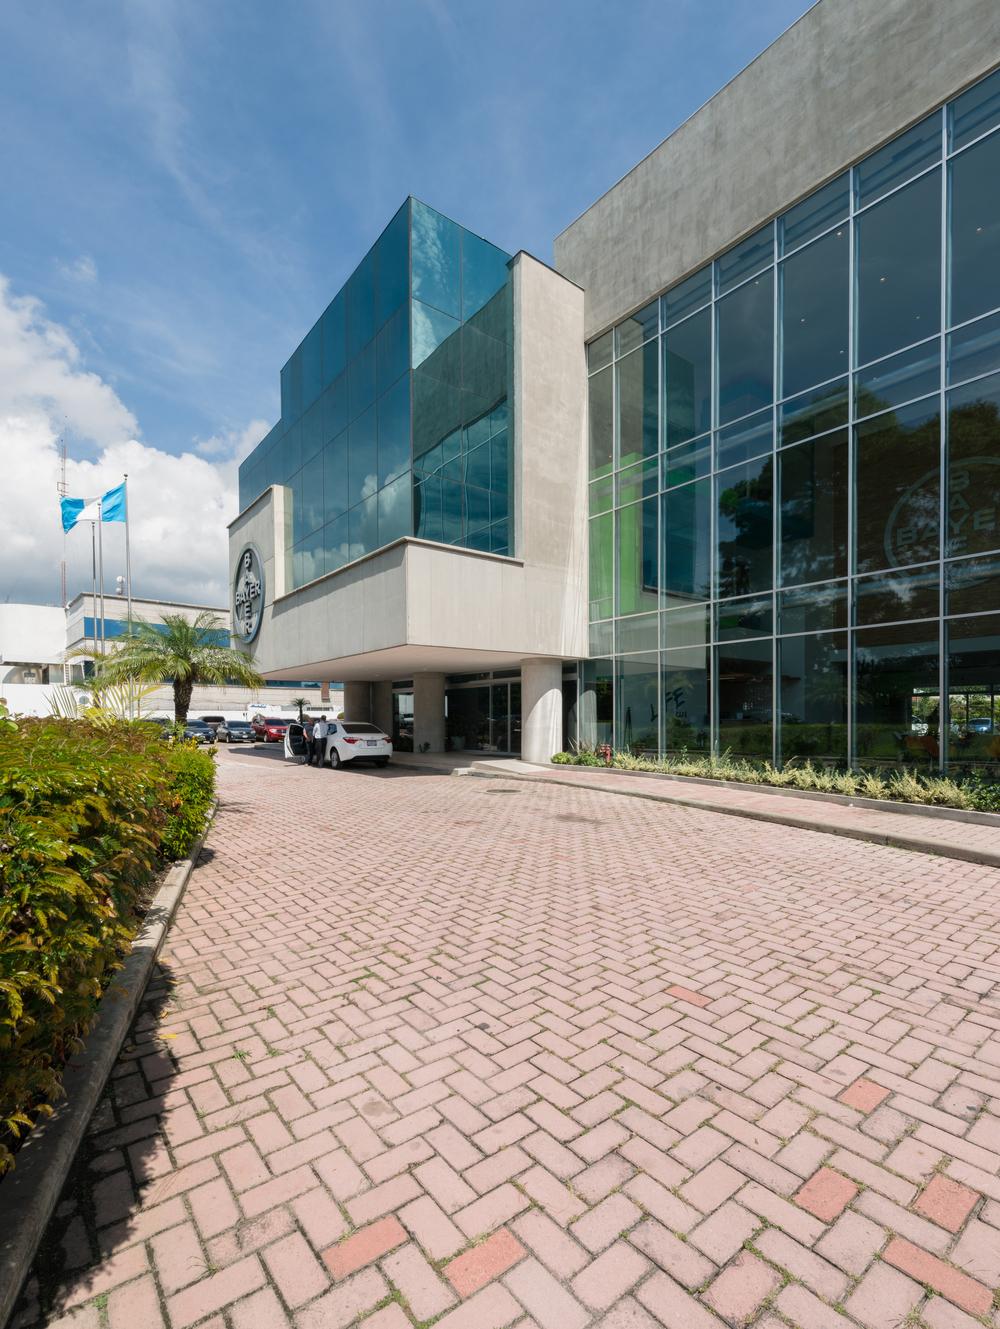 La fachada frontal de Bayer se rediseñó para dar lugar a mejores espacios a nivel interno. Pronto fotografías y comunicado.